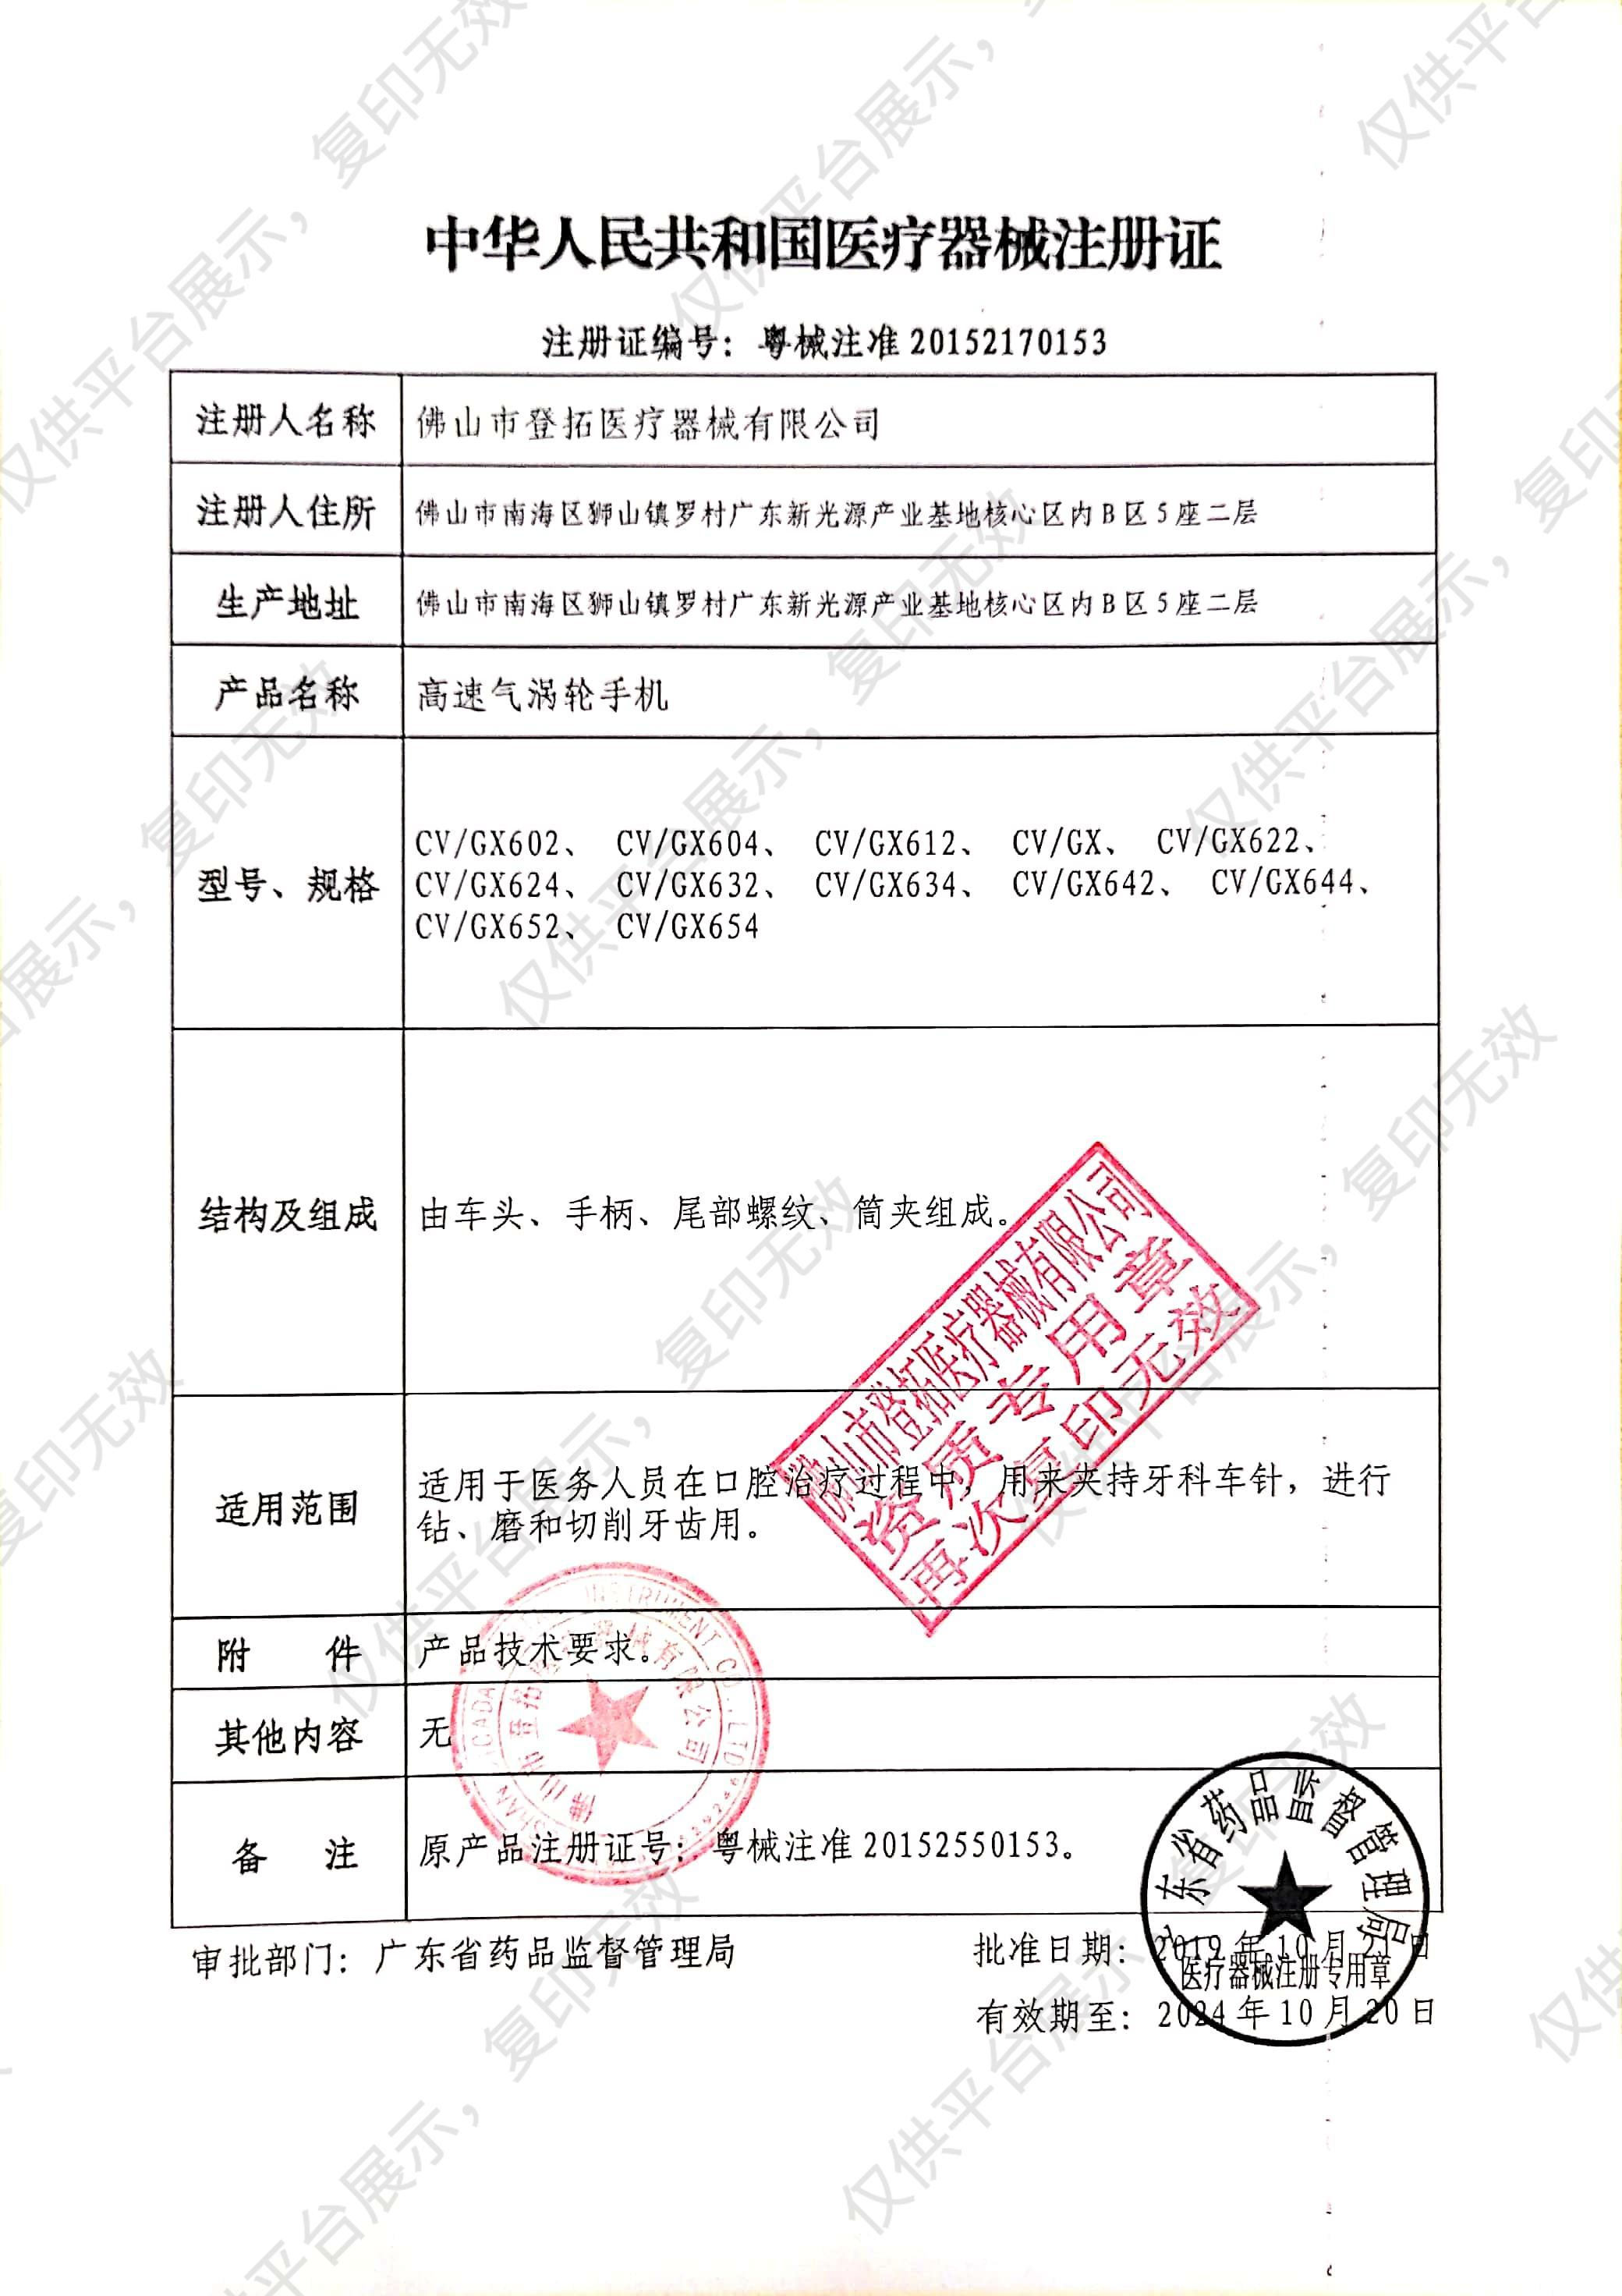 CICADA 思科达 高速气涡轮手机CV/GX604注册证